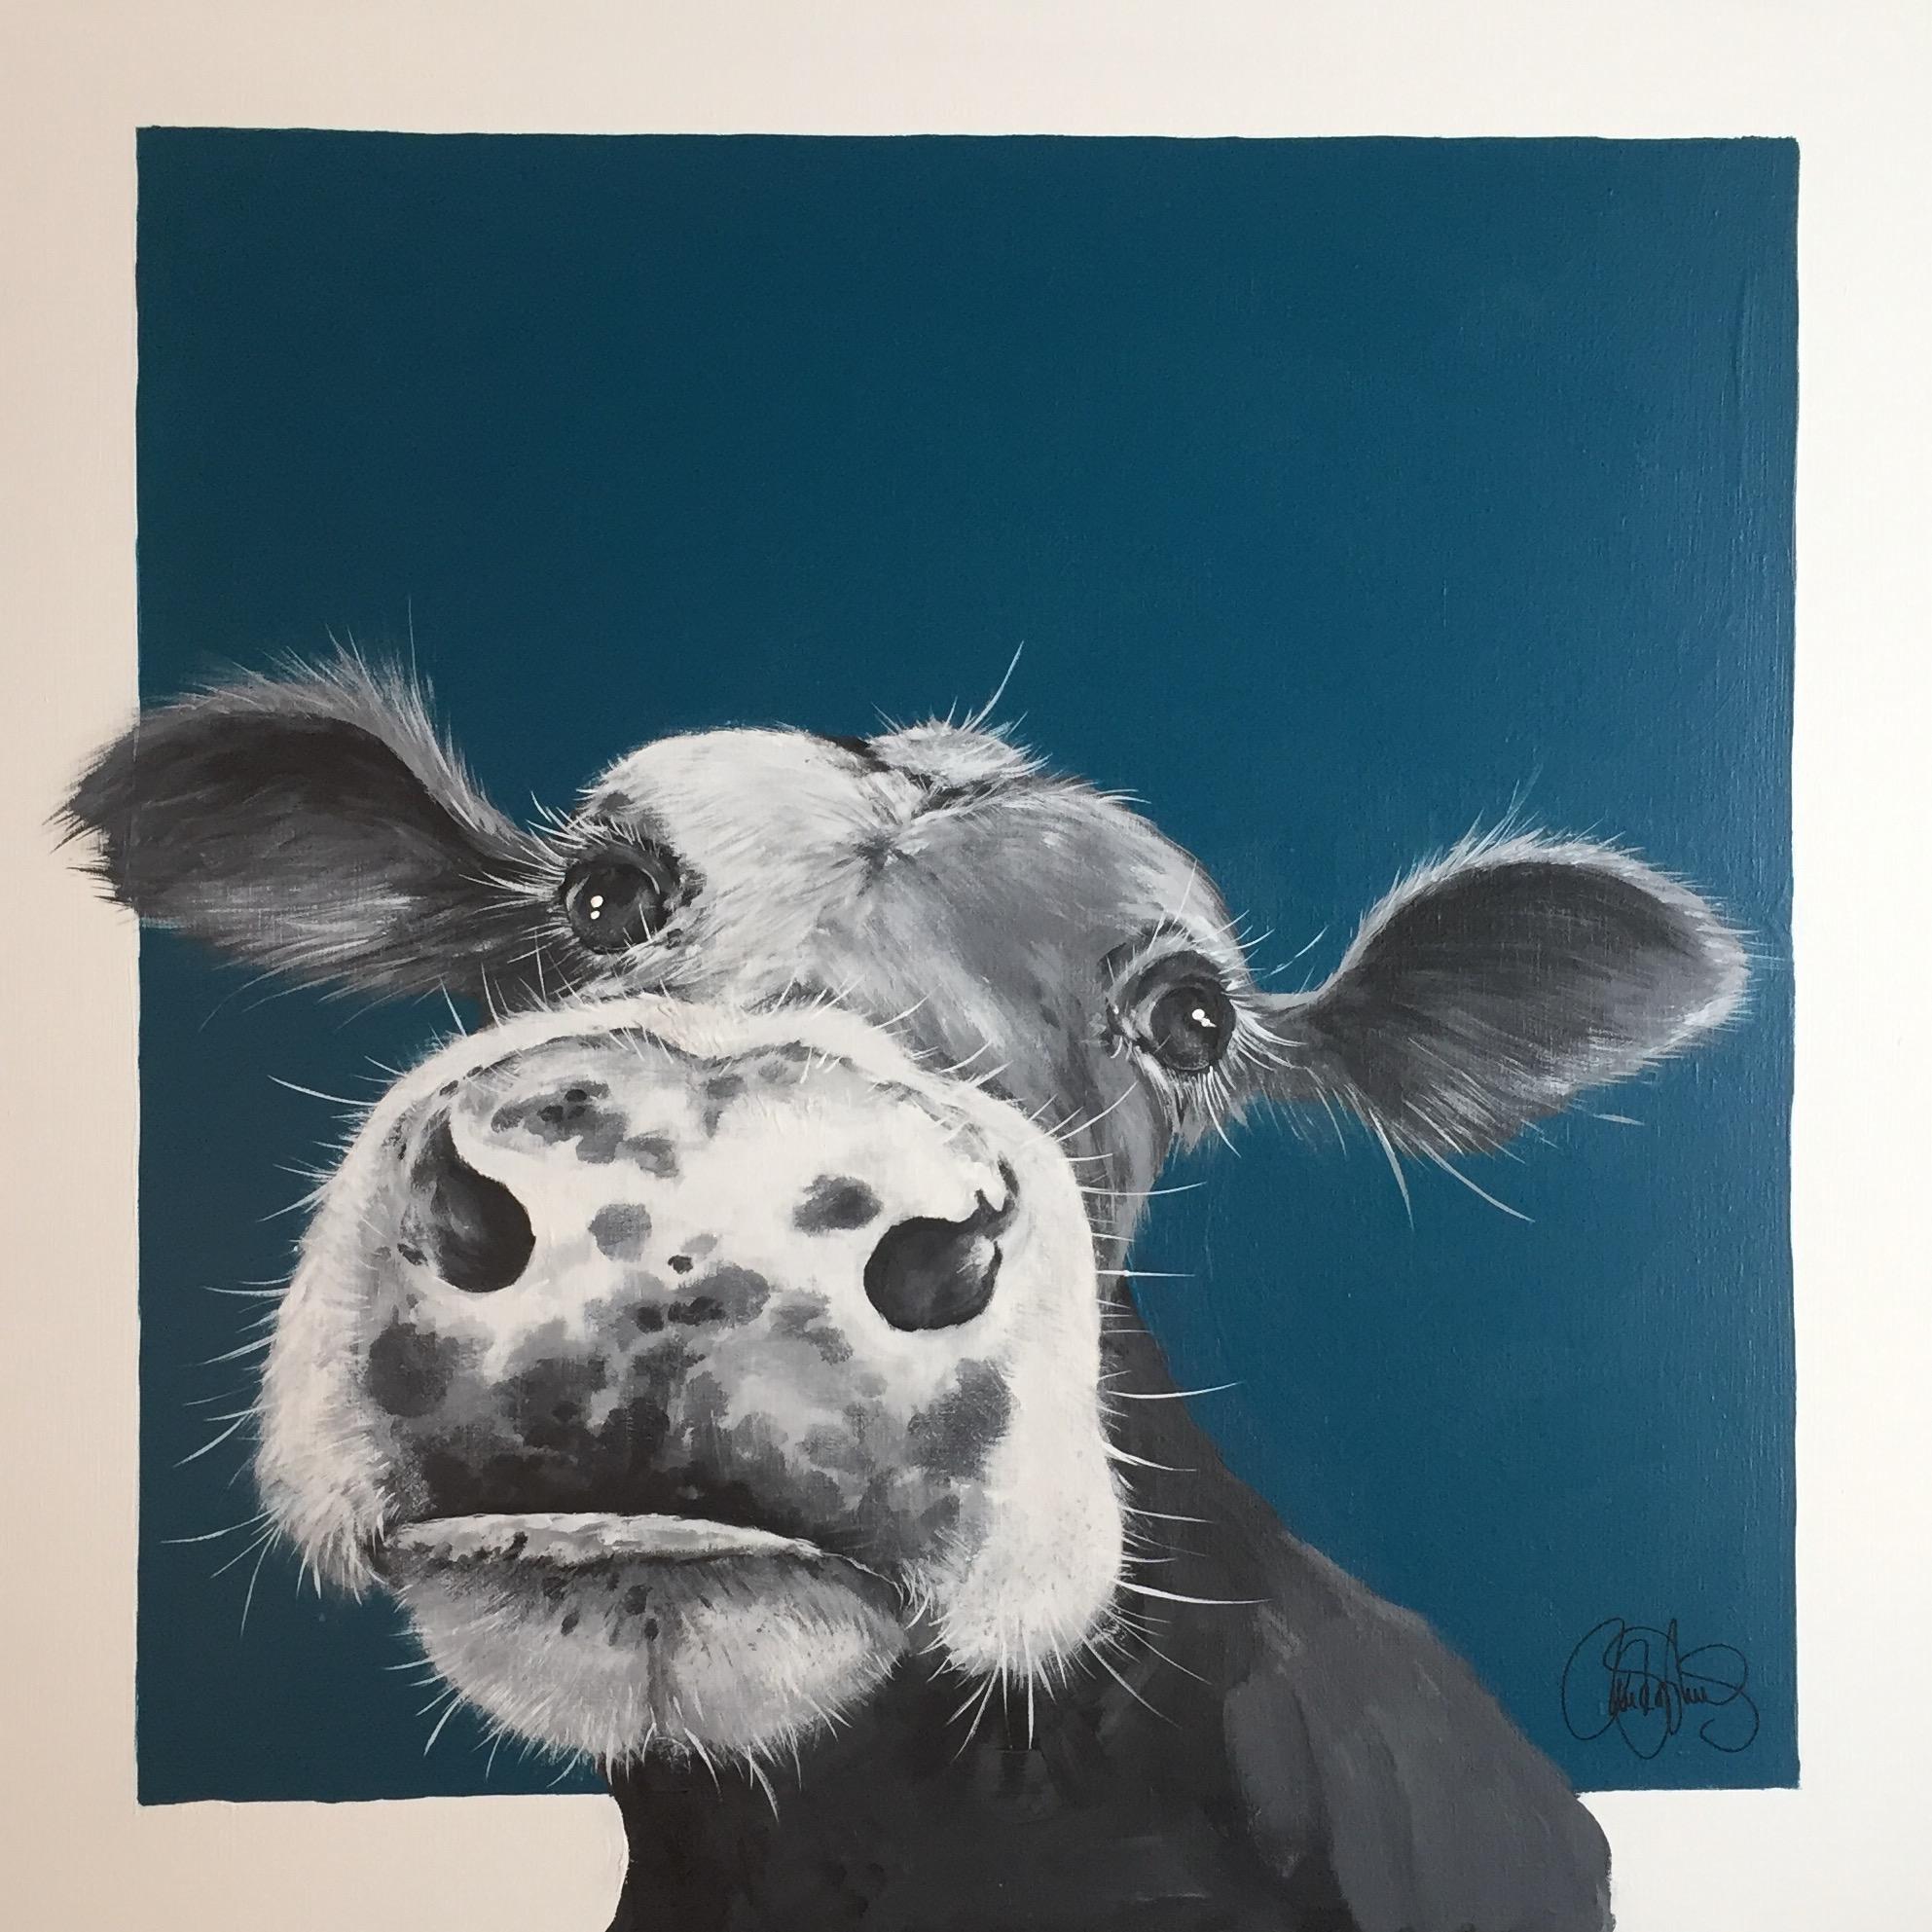 Originalmålning i akryl på uppspänd canvasduk. 90x90cm. Till salu för 6900sek